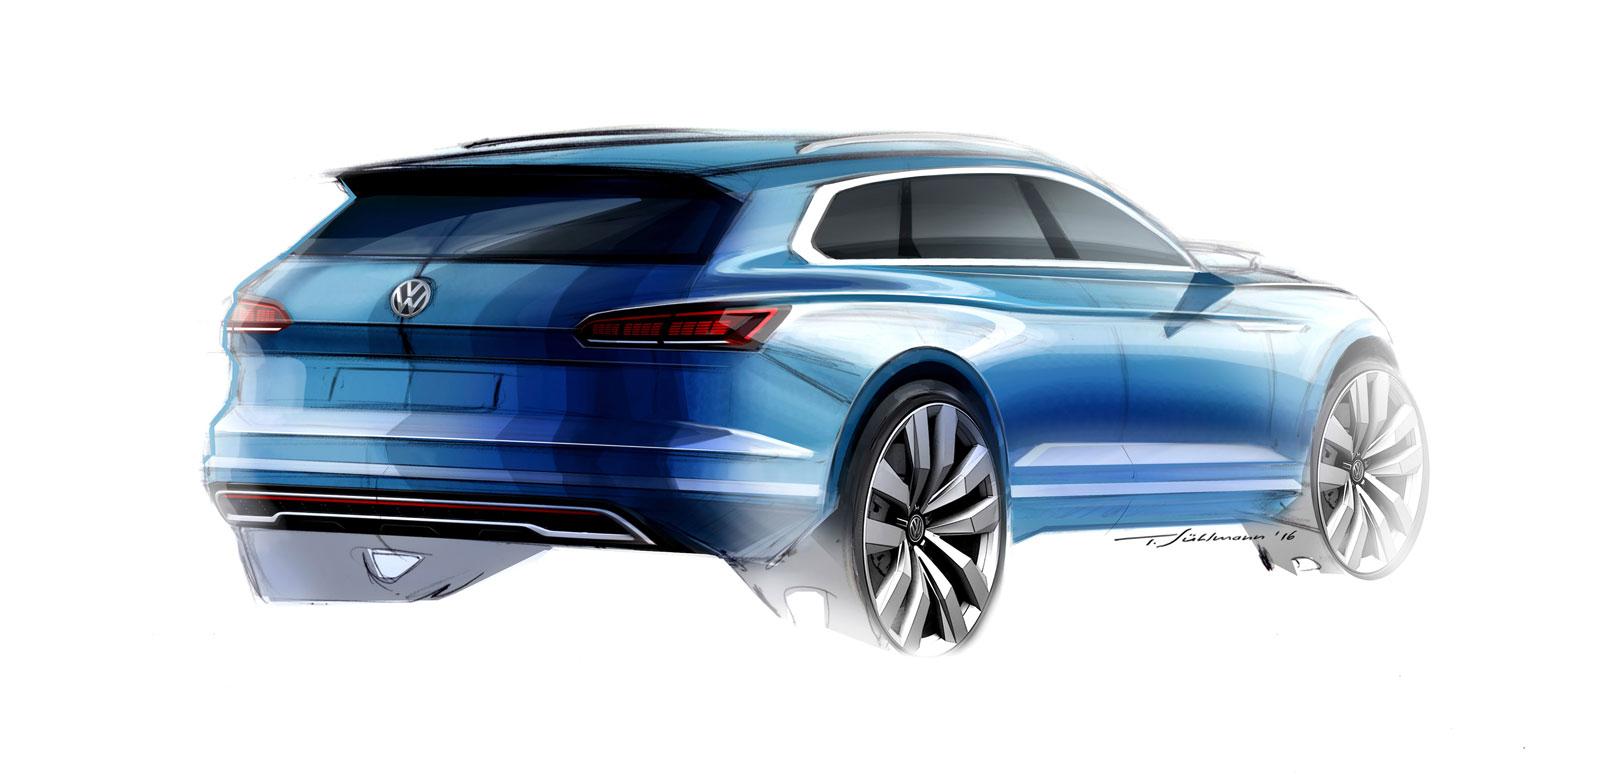 5708 best ▻ CAR SKETCHES ◅ images on Pinterest | Car sketch, Automotive design and Car design sketch